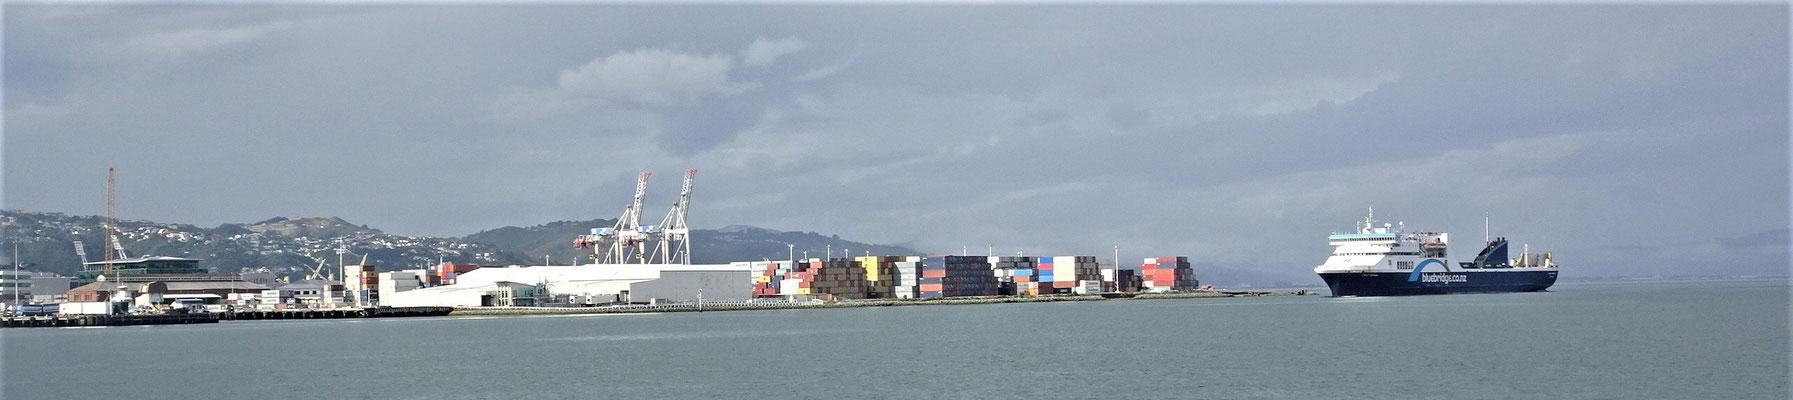 ....mit dem Hafen...